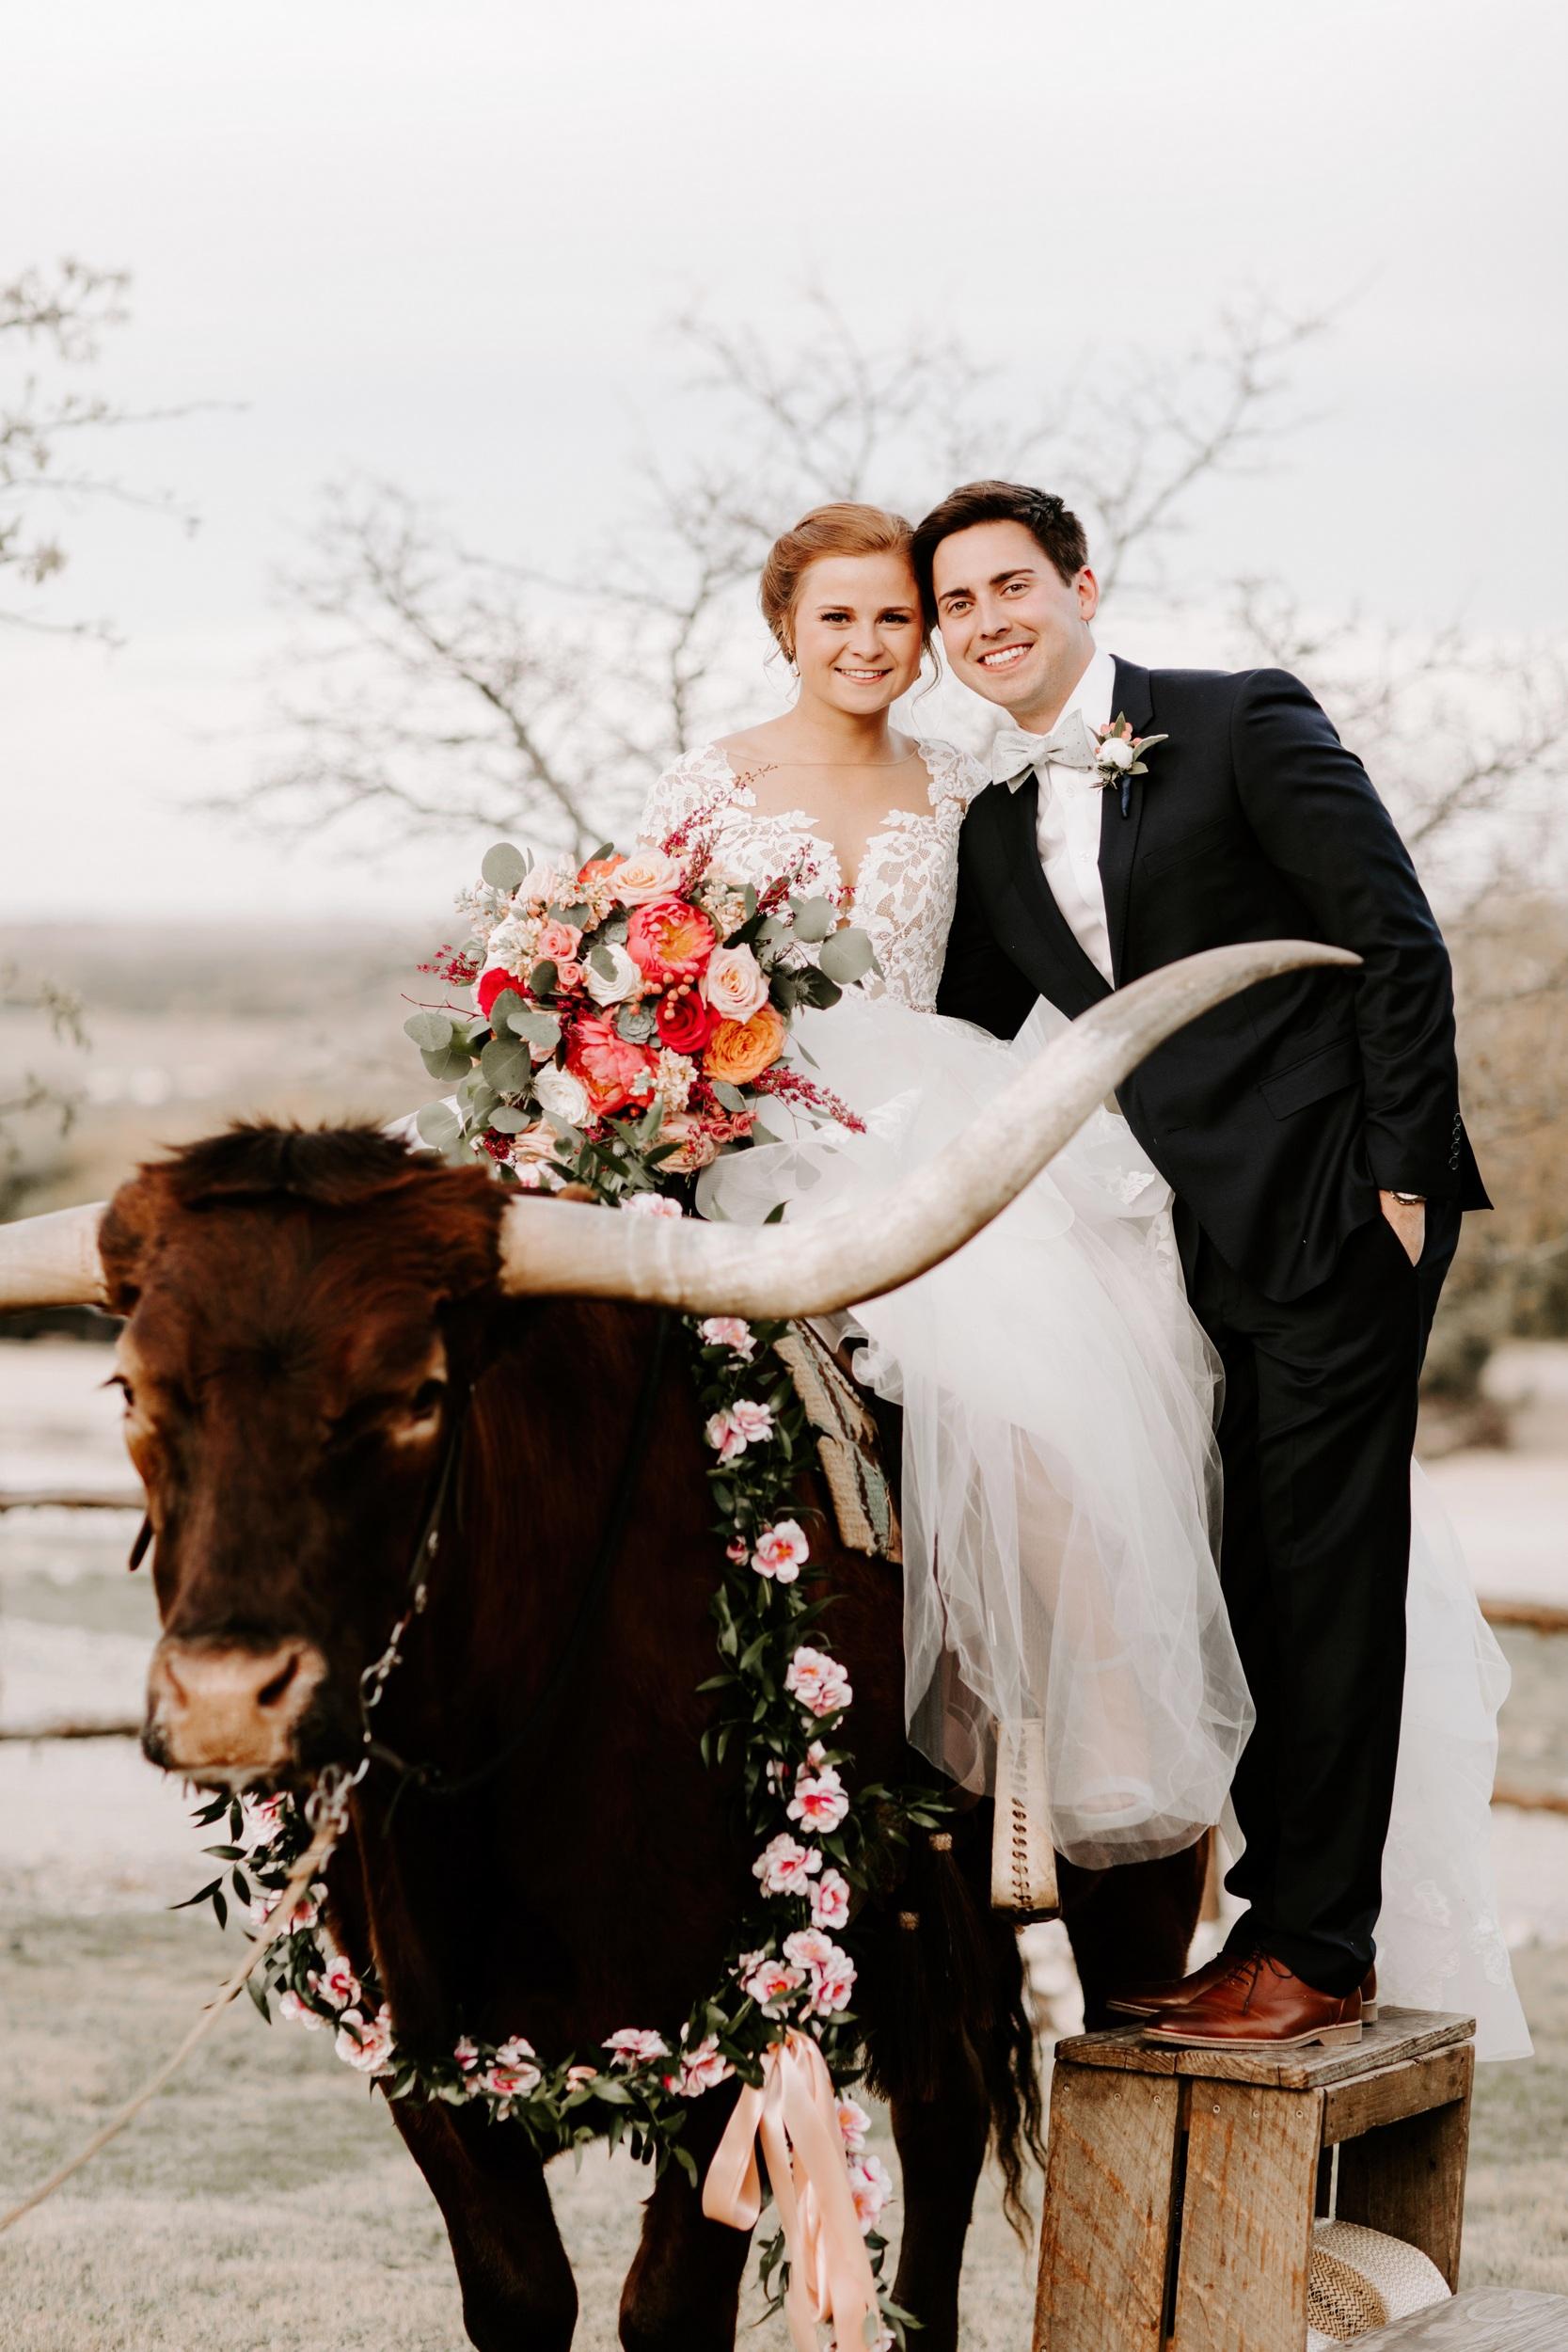 1-MADDY + PATRICK WEDDING_HALEY RYNN RINGO_rent my dust_p (2).jpg